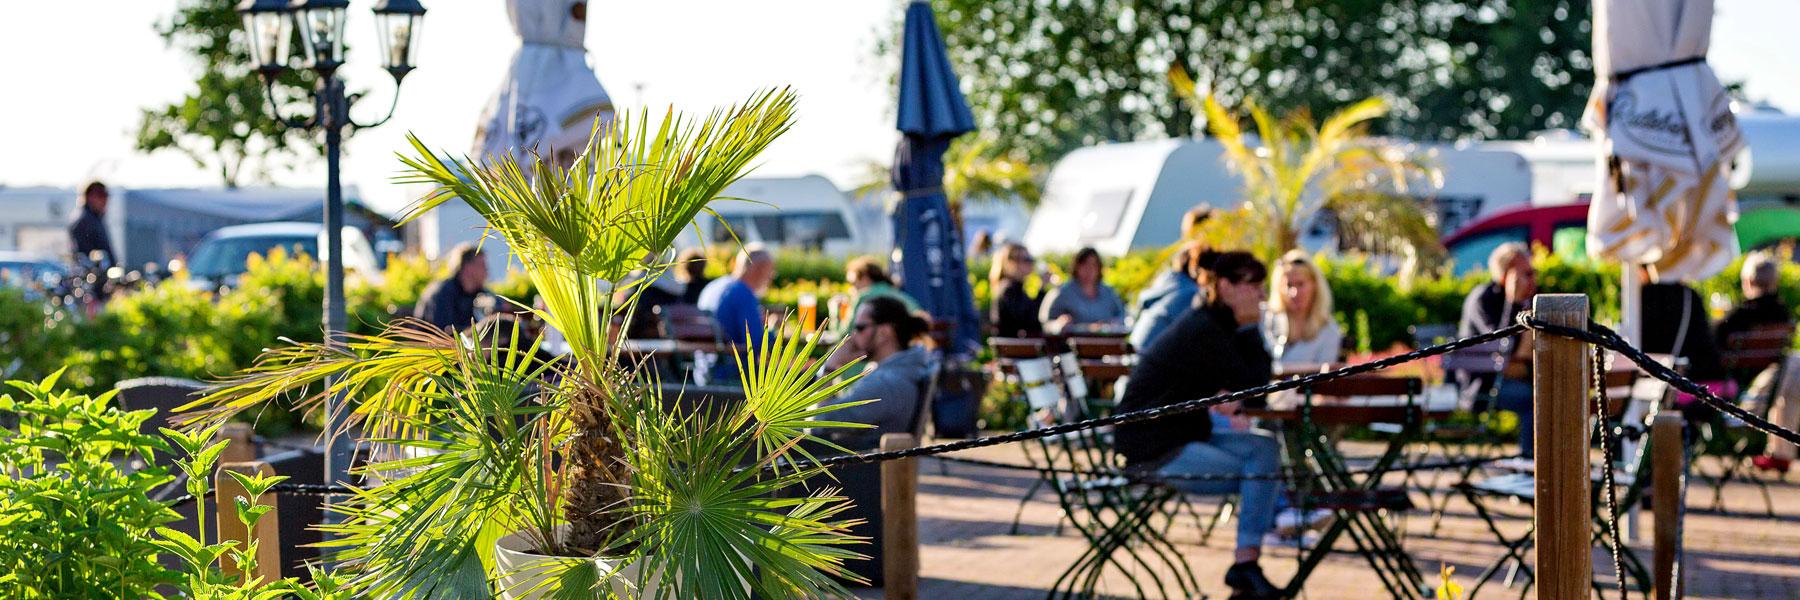 Restaurant - Ostseecamping Ferienpark Zierow KG